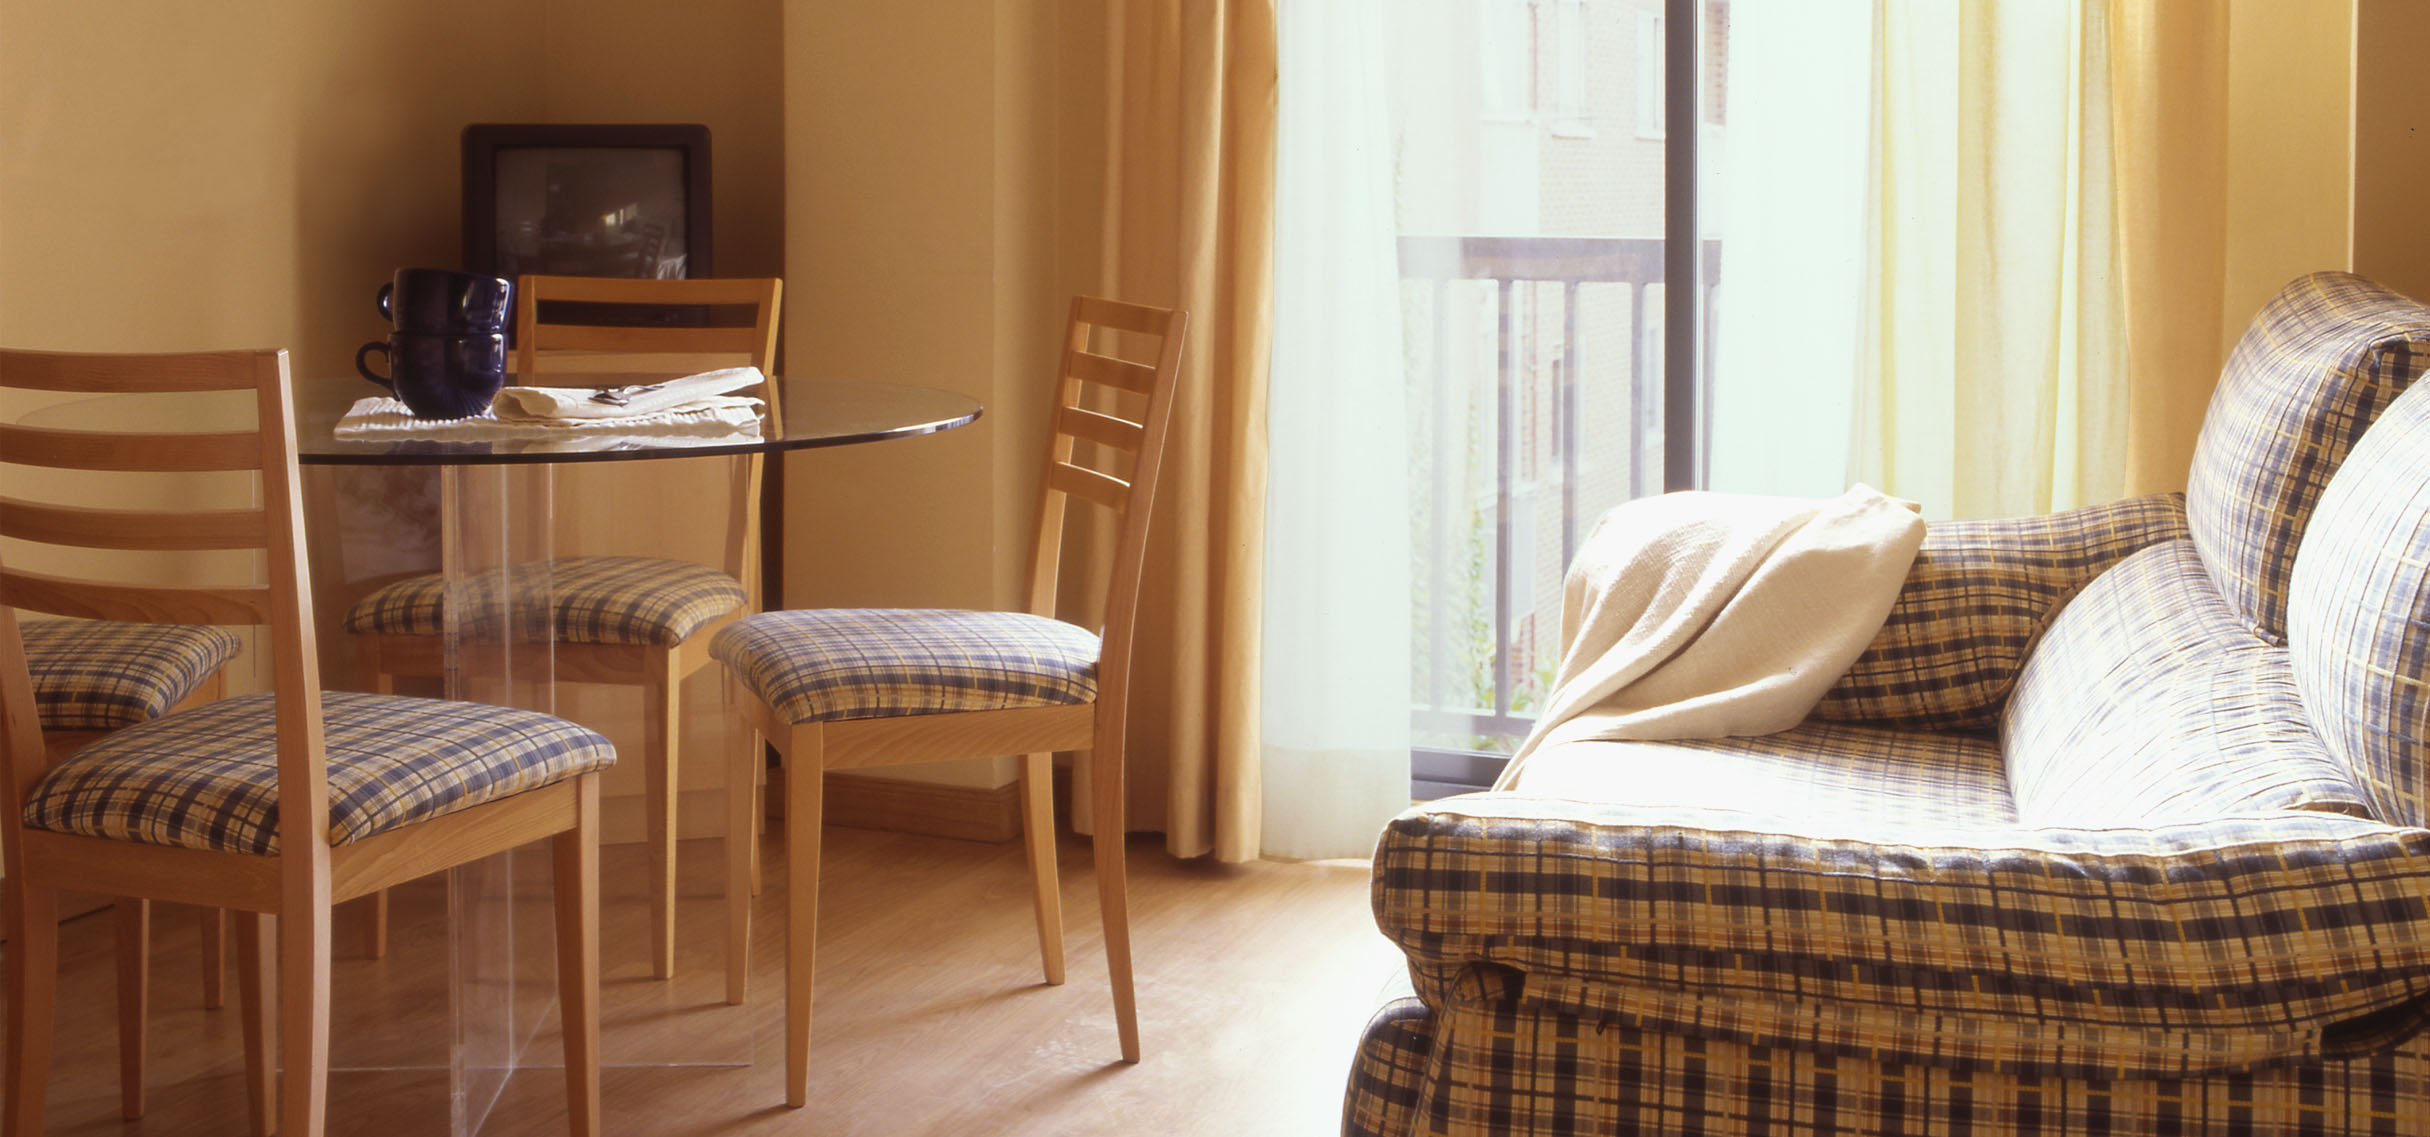 pisos alquiler en madrid